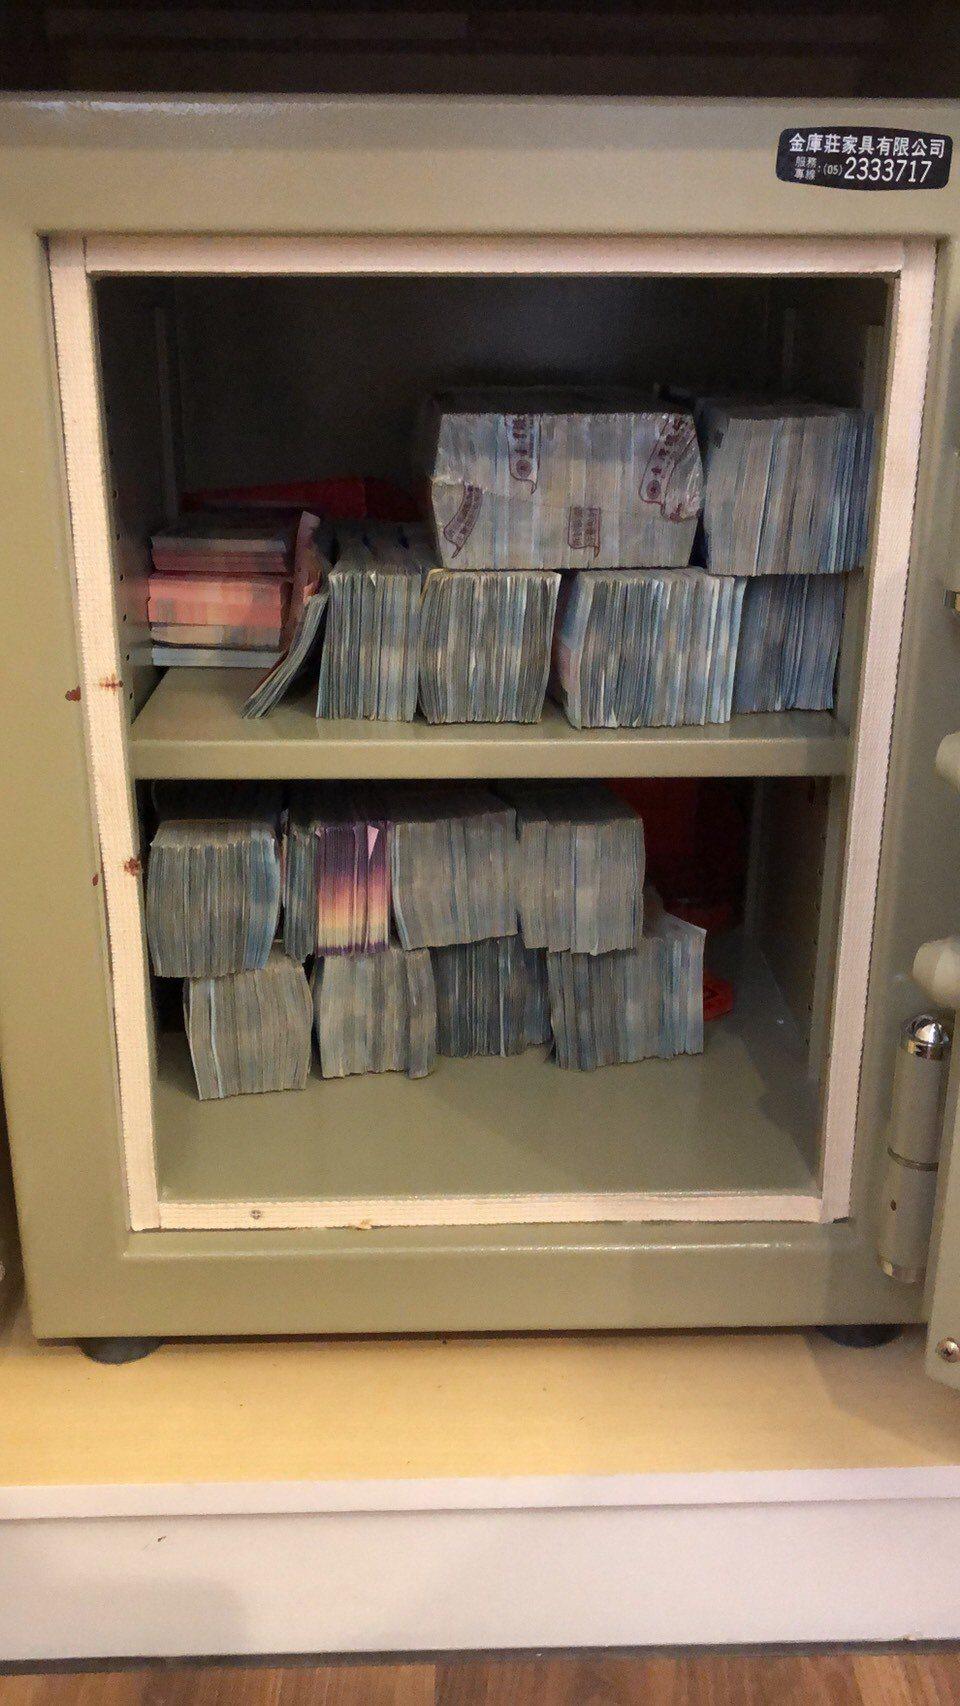 吳姓夫婦從事地下匯兌,嘉義地檢署在吳妻娘家查獲二億四千萬元現金。記者姜宜菁/翻攝